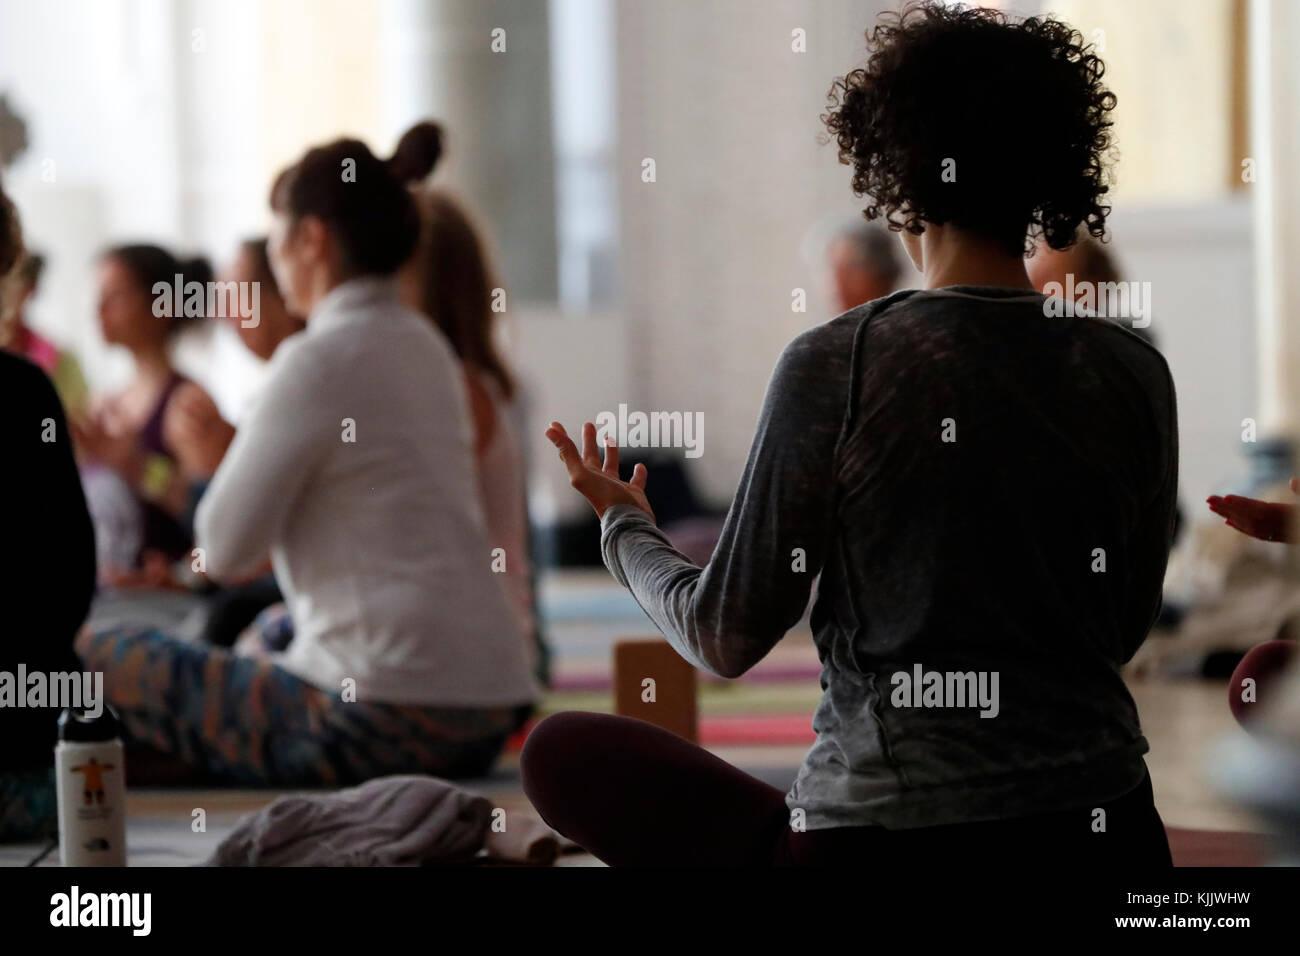 Chamonix Festival di Yoga. Lezione di yoga. La Francia. Immagini Stock